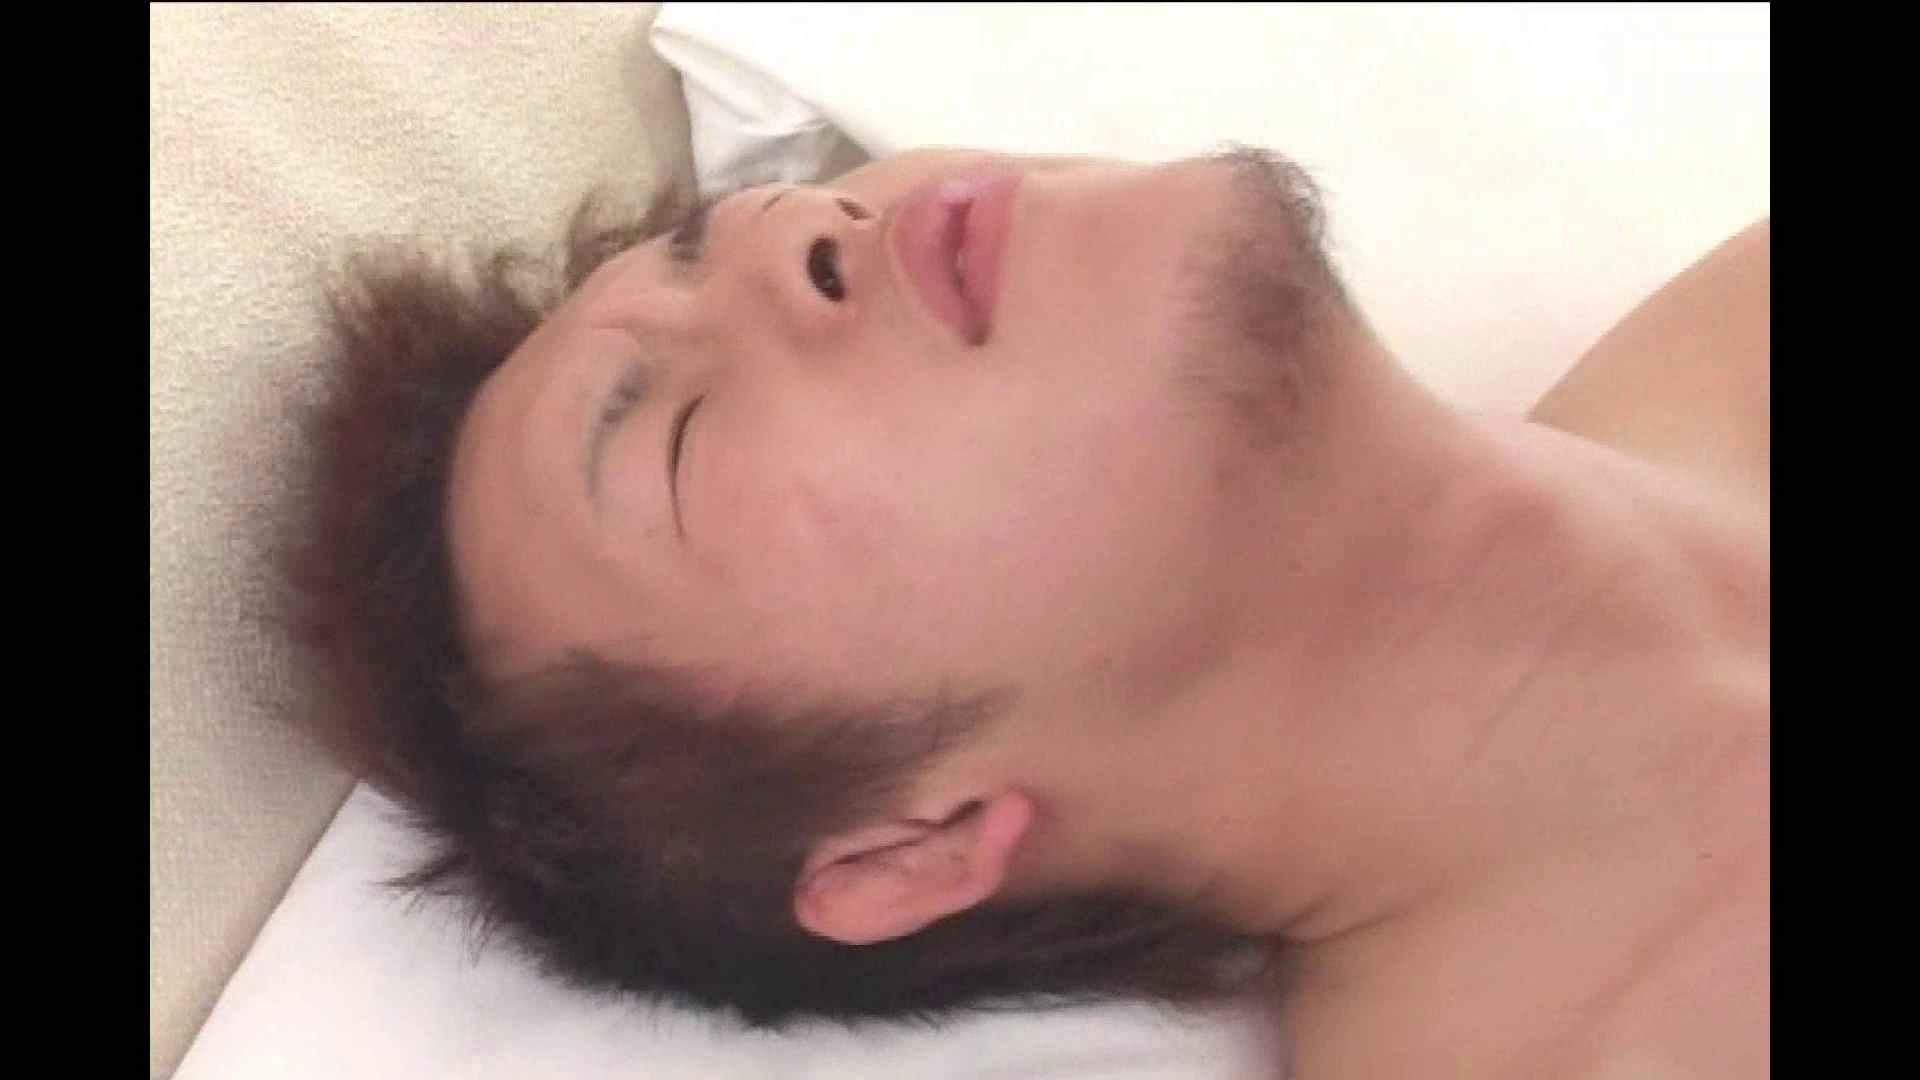 ヤリヤリ野郎共倶楽部vol.21後編 男天国 | エロ  96pic 89